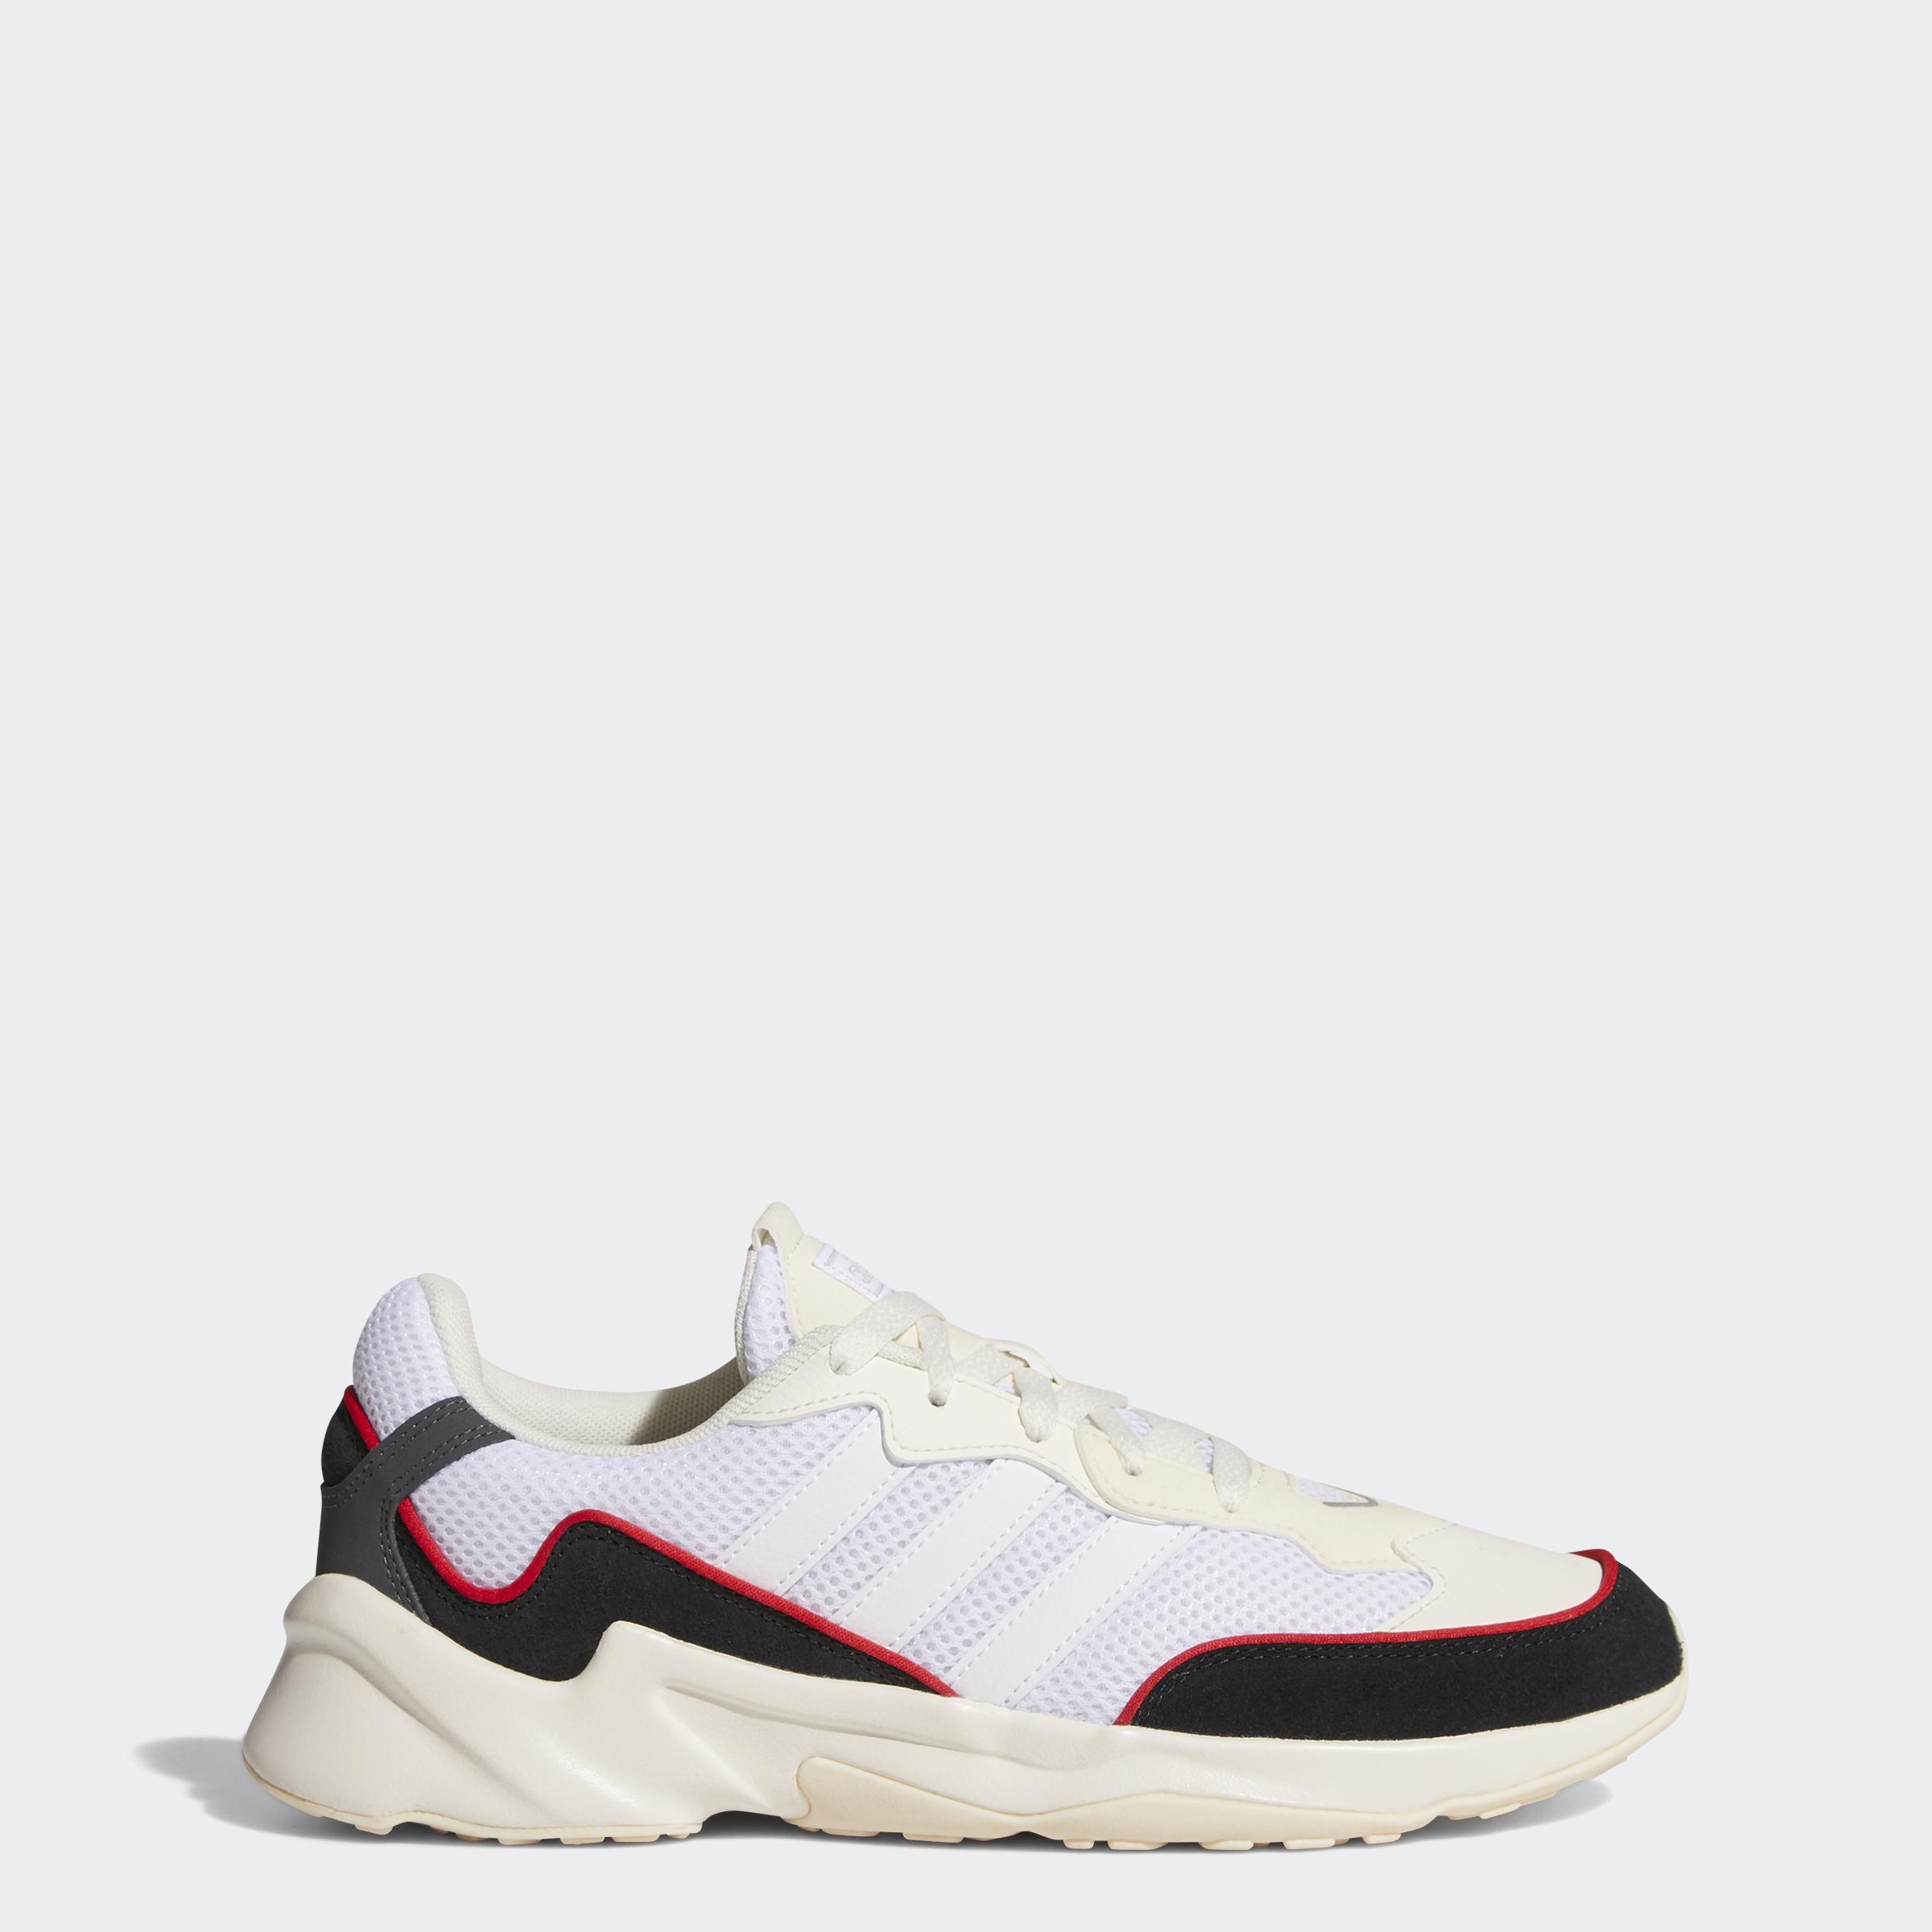 adidas Originals 20-20 FX Shoes Men's